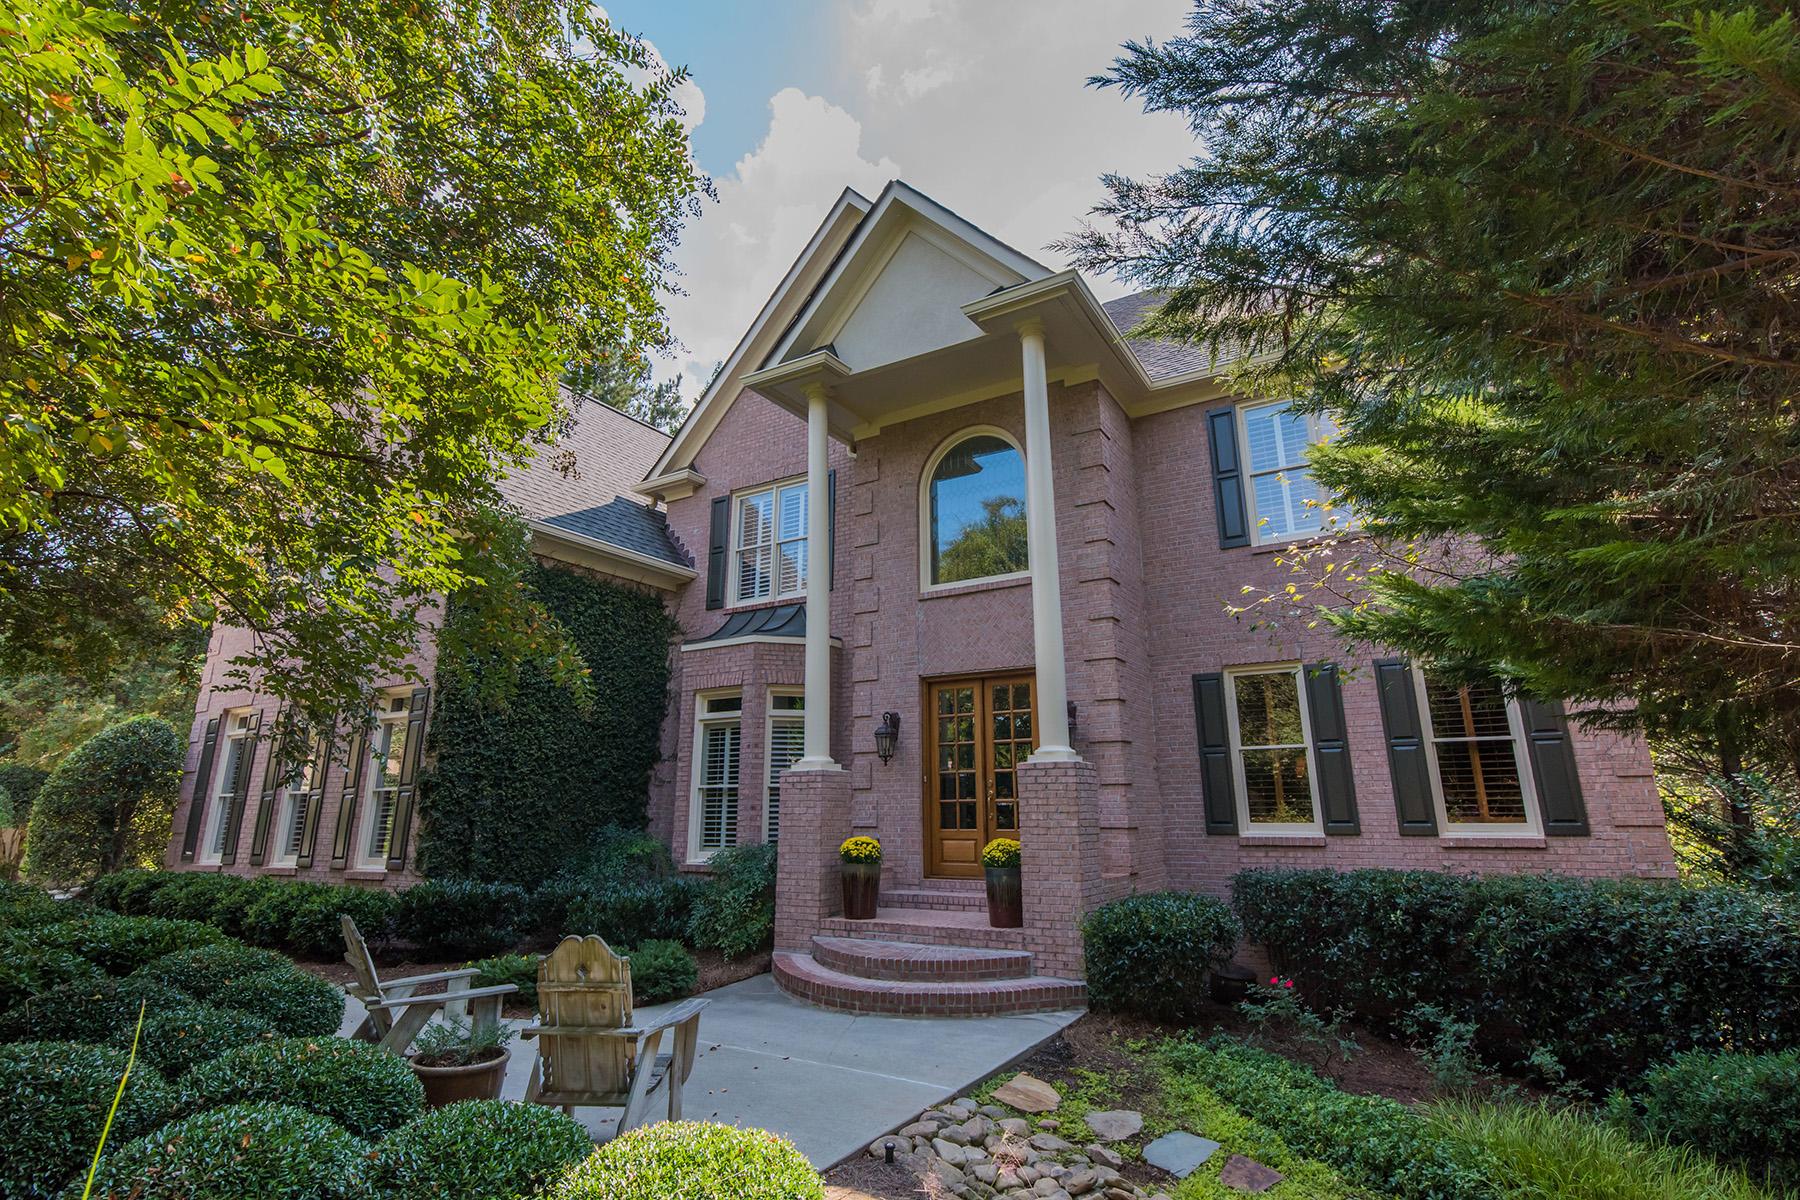 Property для того Продажа на Spectacular Sandy Springs Dream Home 470 Verdi Lane, Atlanta, Джорджия 30350 Соединенные Штаты